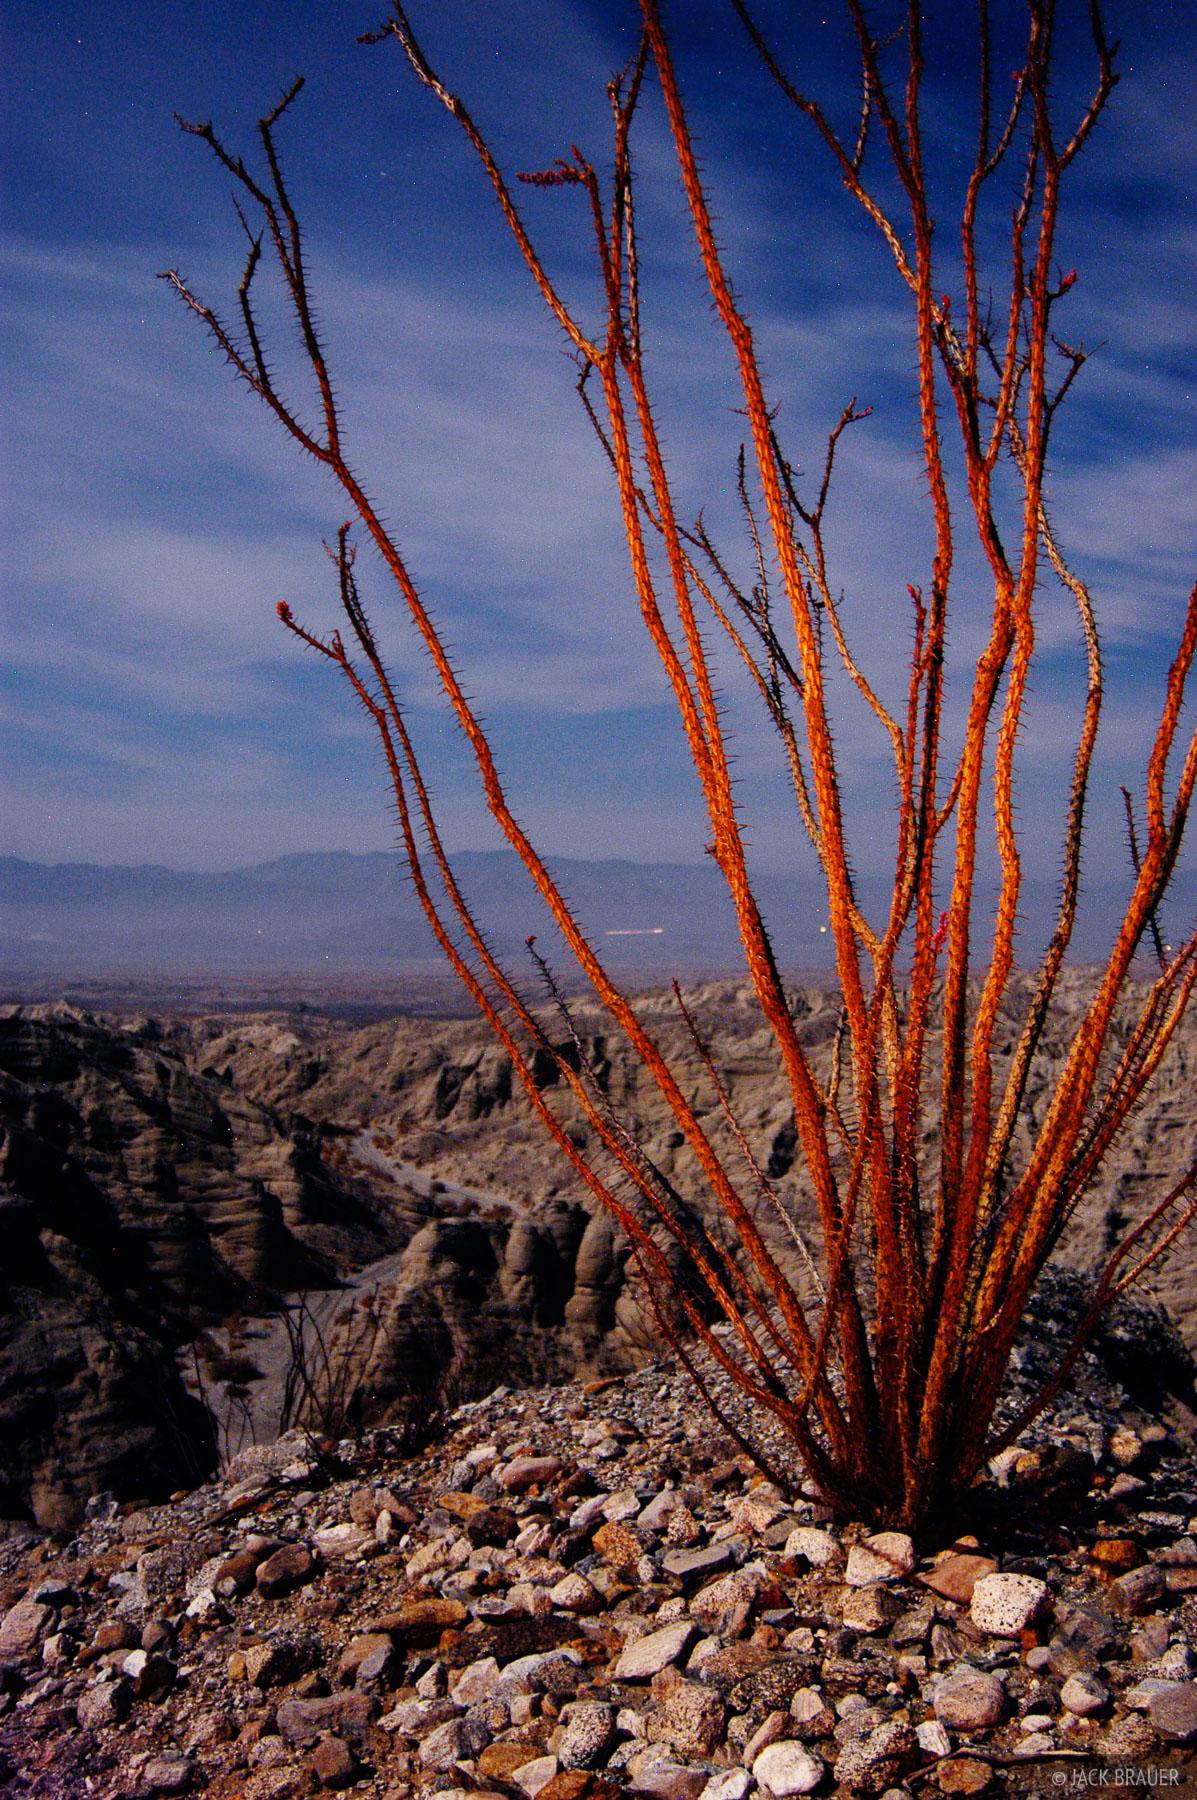 ocotillo, moonlight, Anza Borrego Desert, California, photo